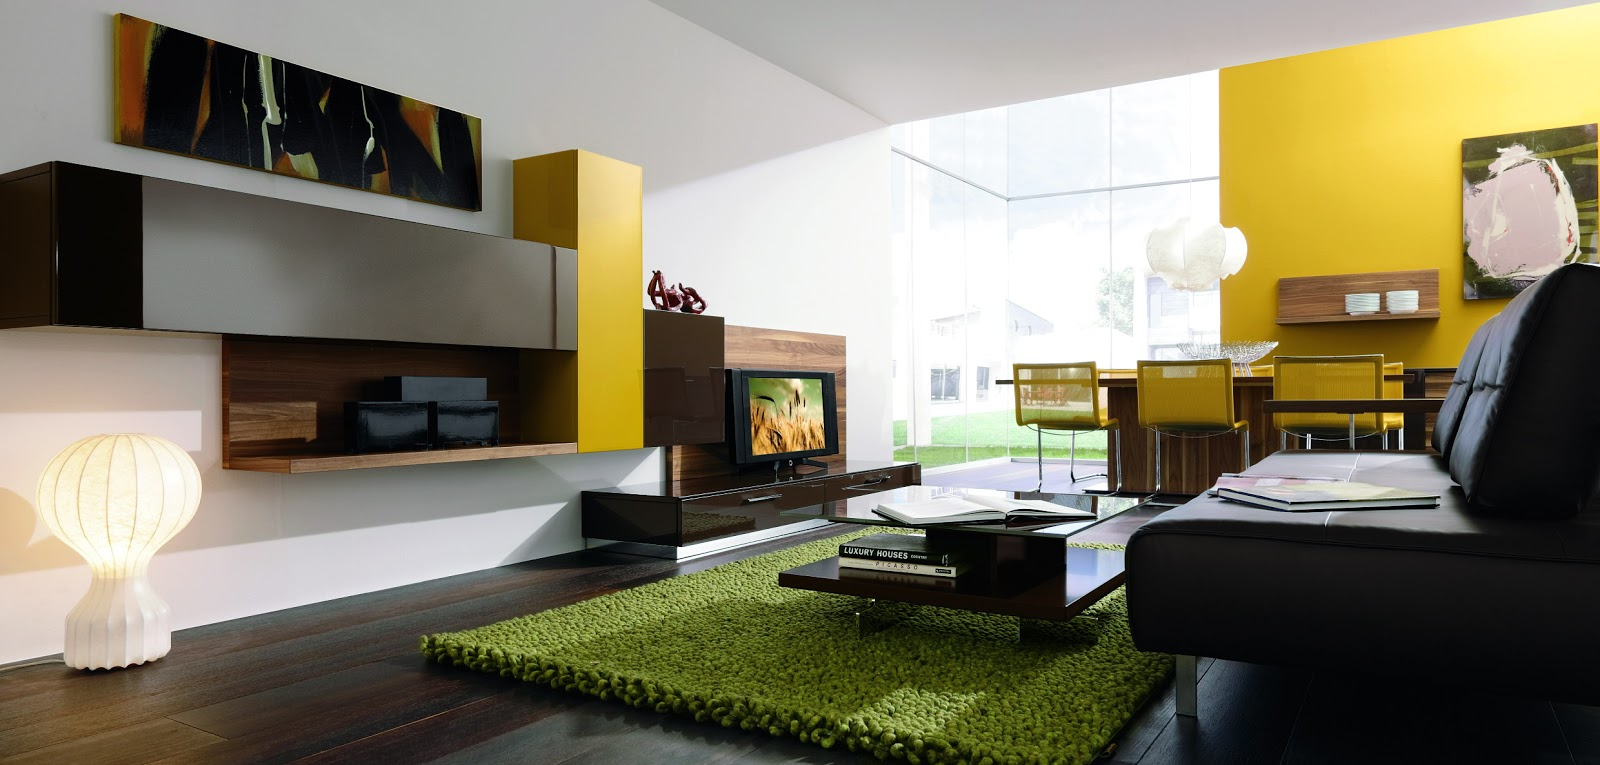 Wohnzimmer design ideen   home creation